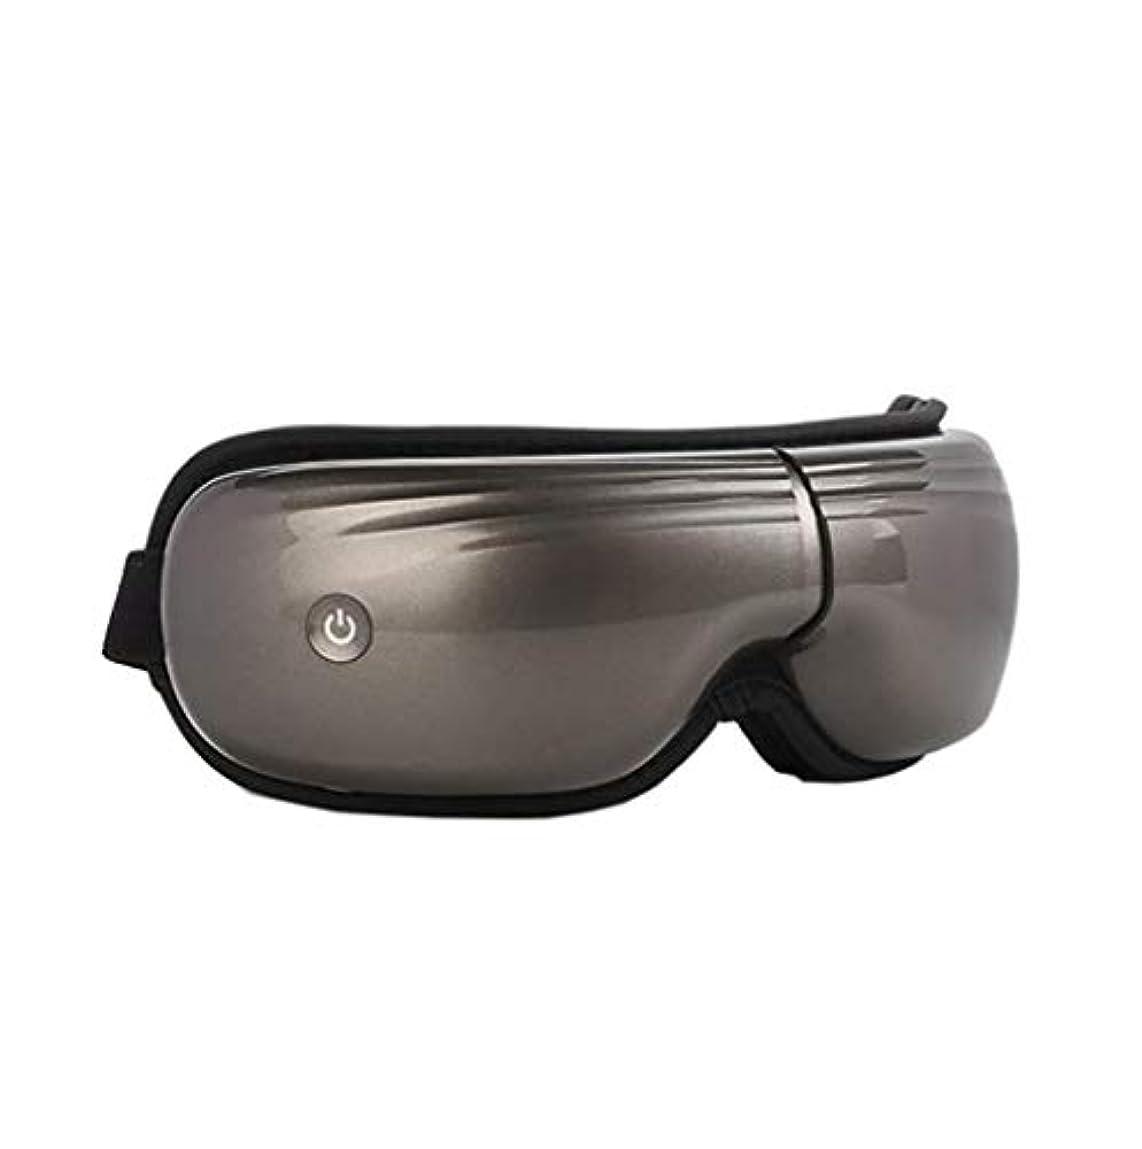 ボート詐欺師雪マッサージアイマスク、5つの調整可能なマッサージモードを備えた振動式ワイヤレスアイマッサージャー、なだめるような音楽、アイリラクシングアイバッグとダークサークル、目の疲れを和らげる (Color : Grey)